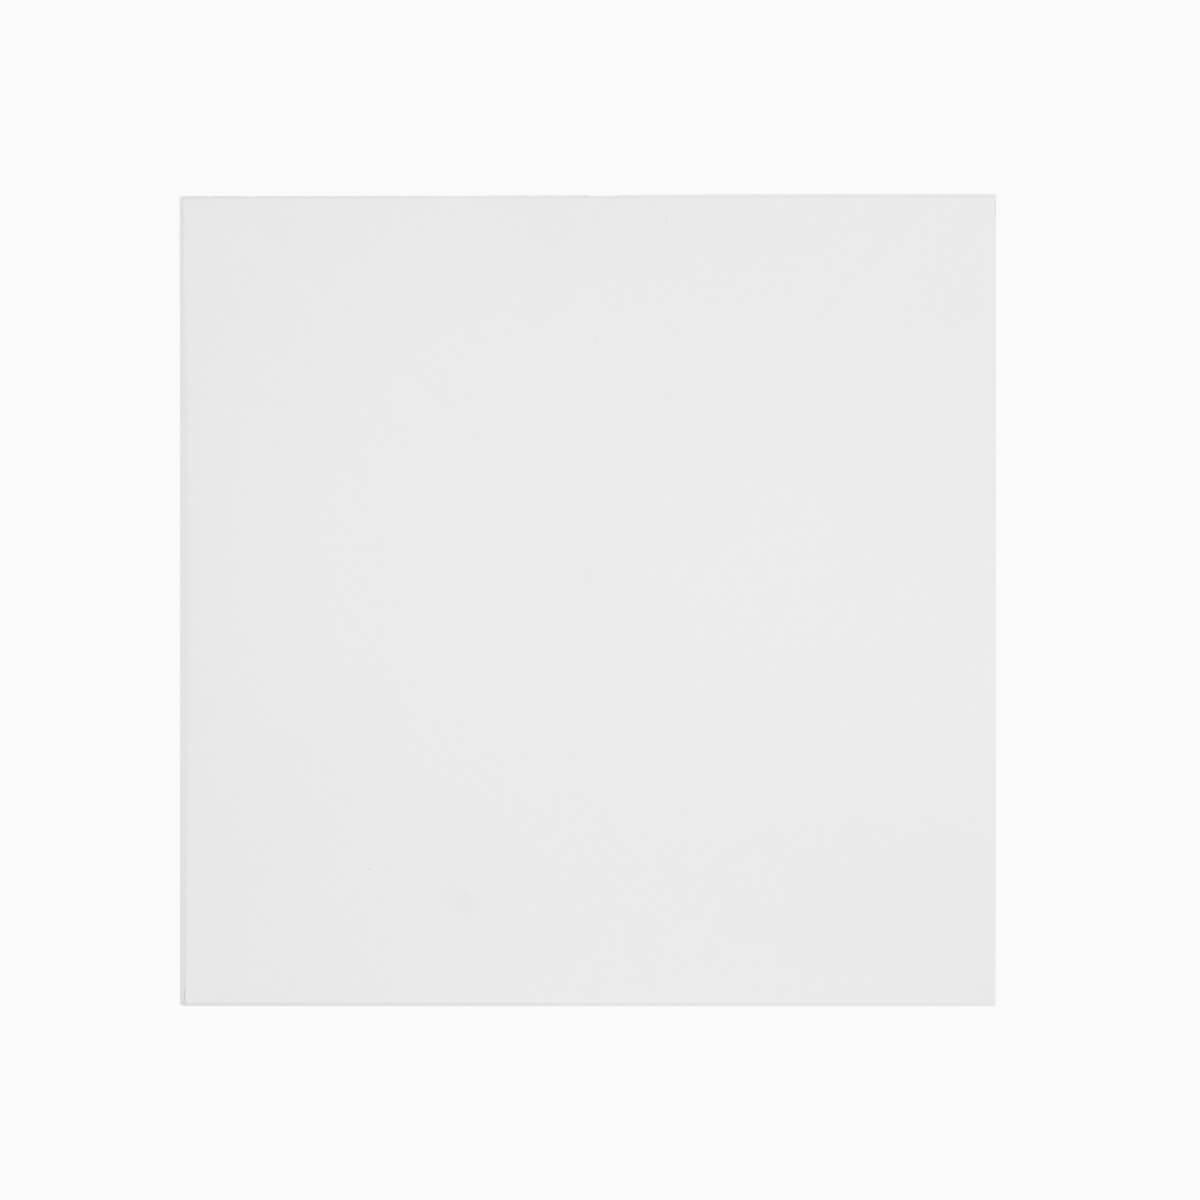 WHITE 200mm SQUARE ENVELOPE